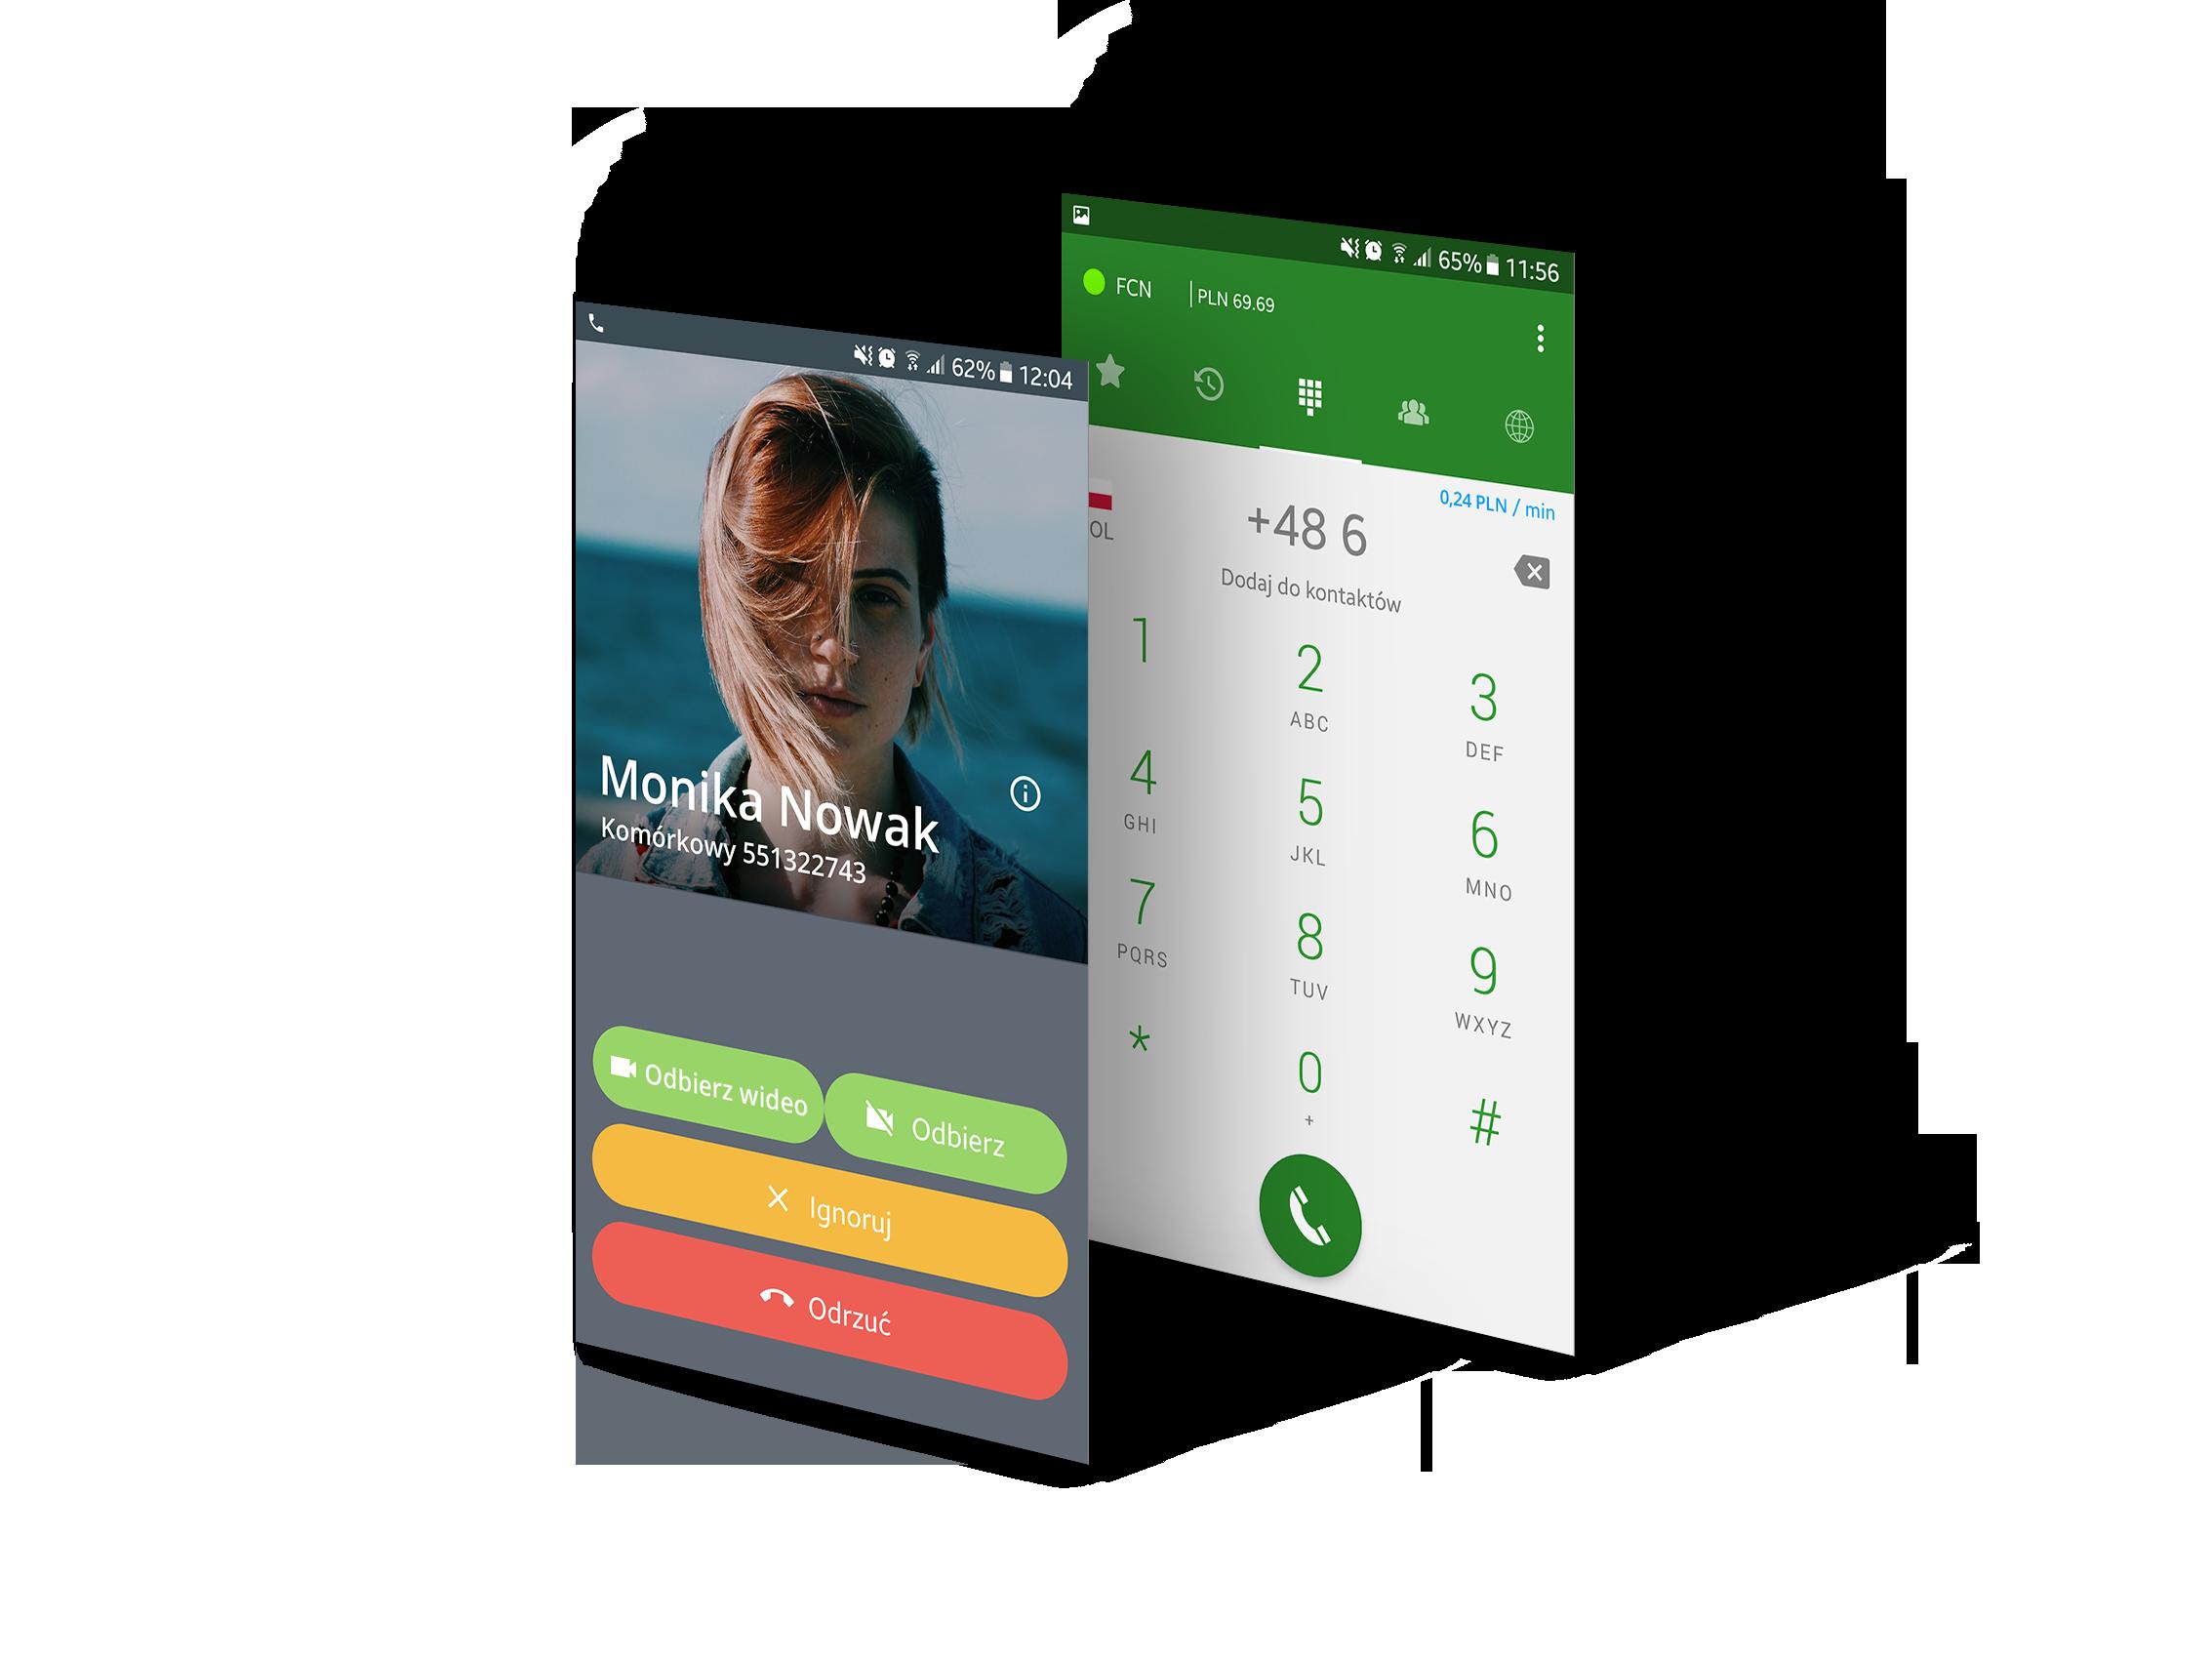 Ekrany aplikacji Telefon FCN - ekran odbioru połączenia iklawiatury zsaldem iceną minuty rozmowy